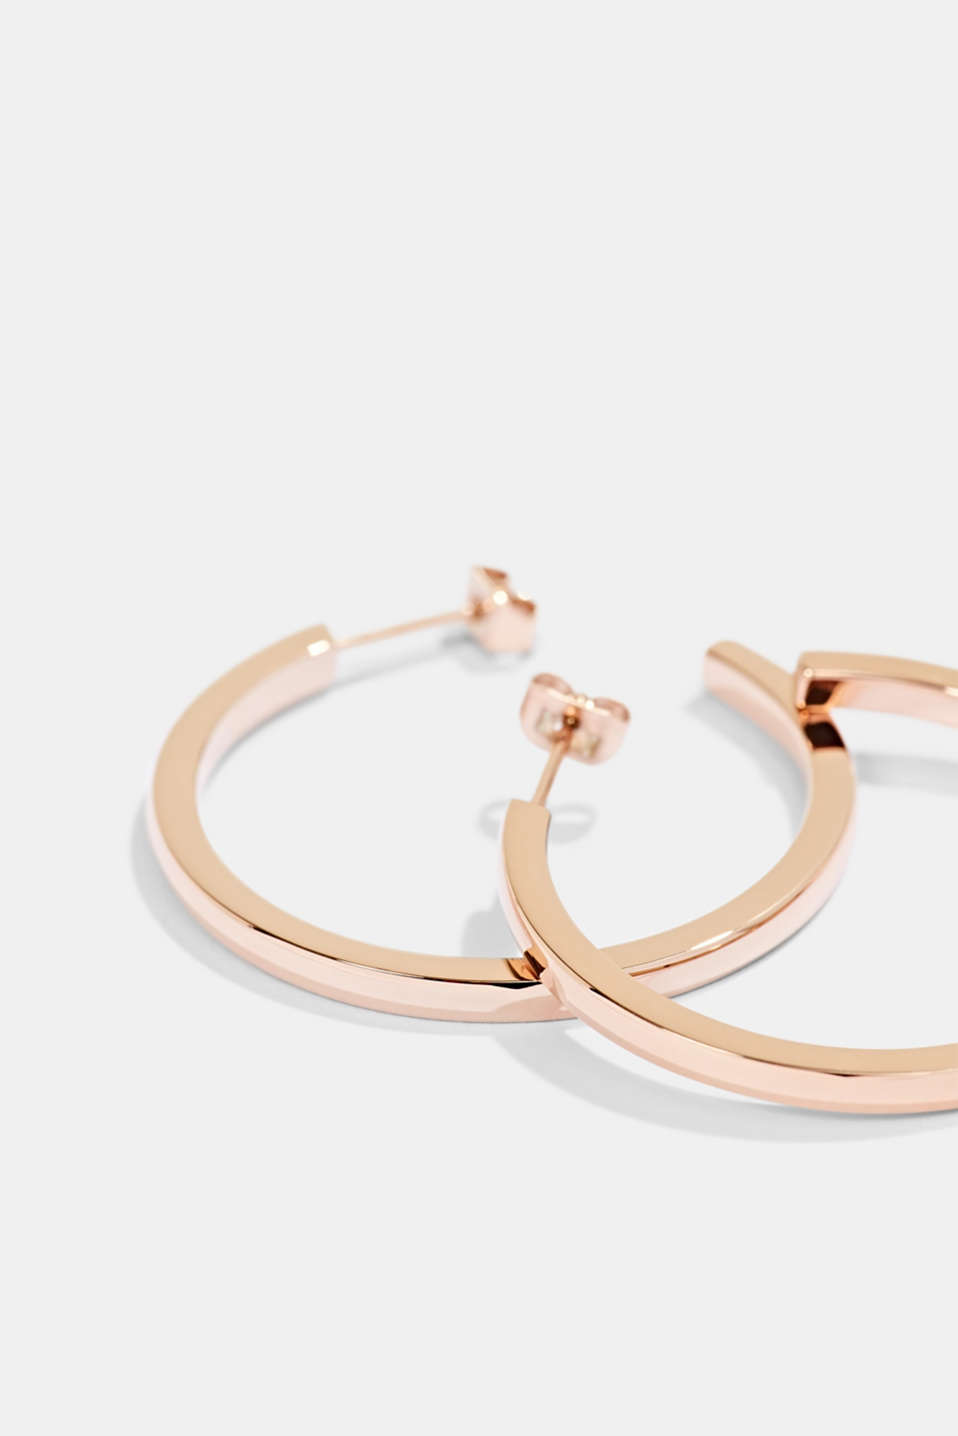 Rose gold hoop earrings in stainless steel, ROSEGOLD, detail image number 1